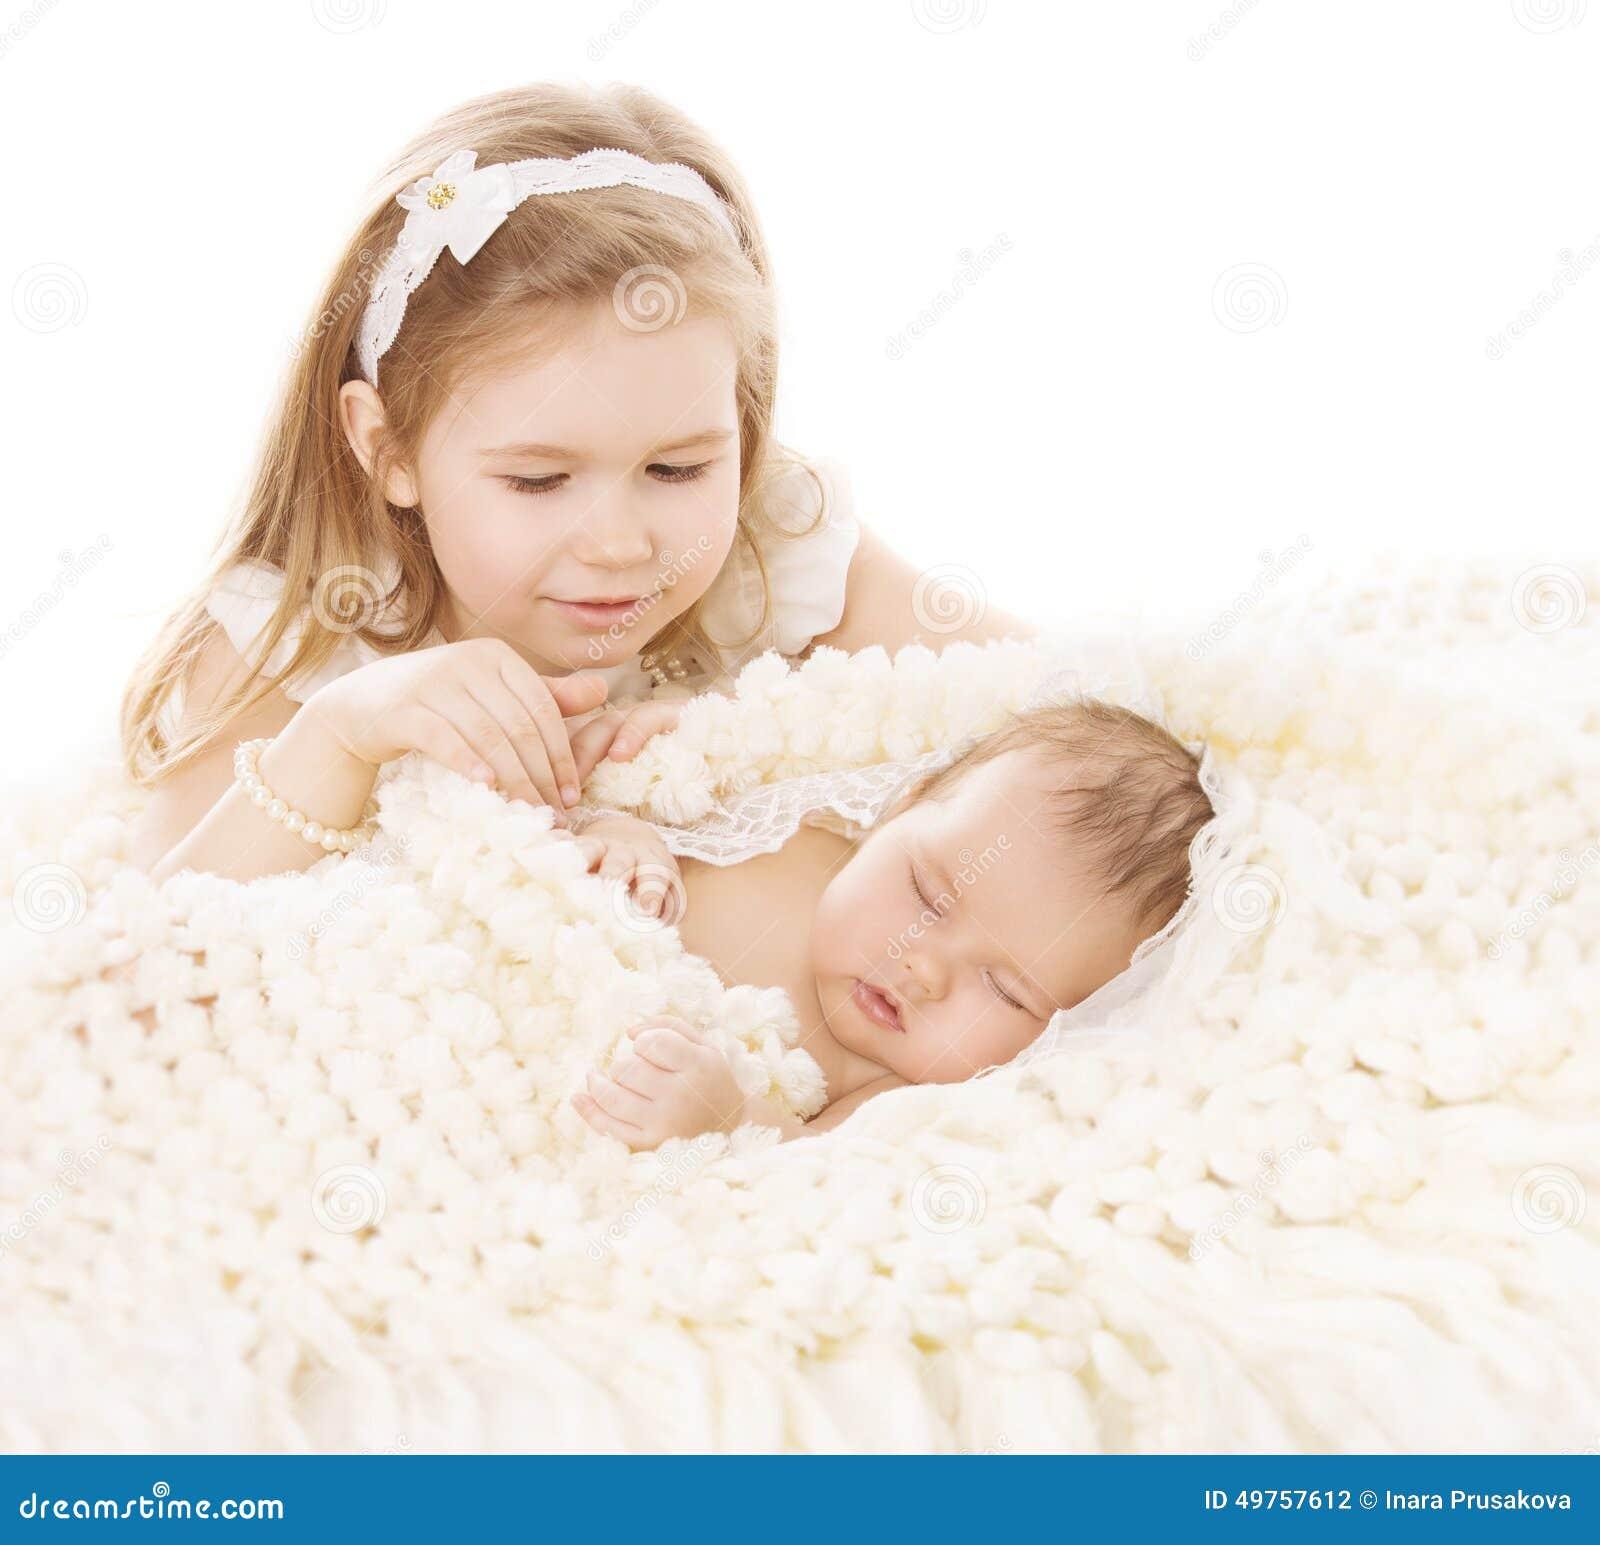 Bébé et garçon nouveau-né, soeur Little Child et frère de sommeil New Born Kid, anniversaire dans la famille